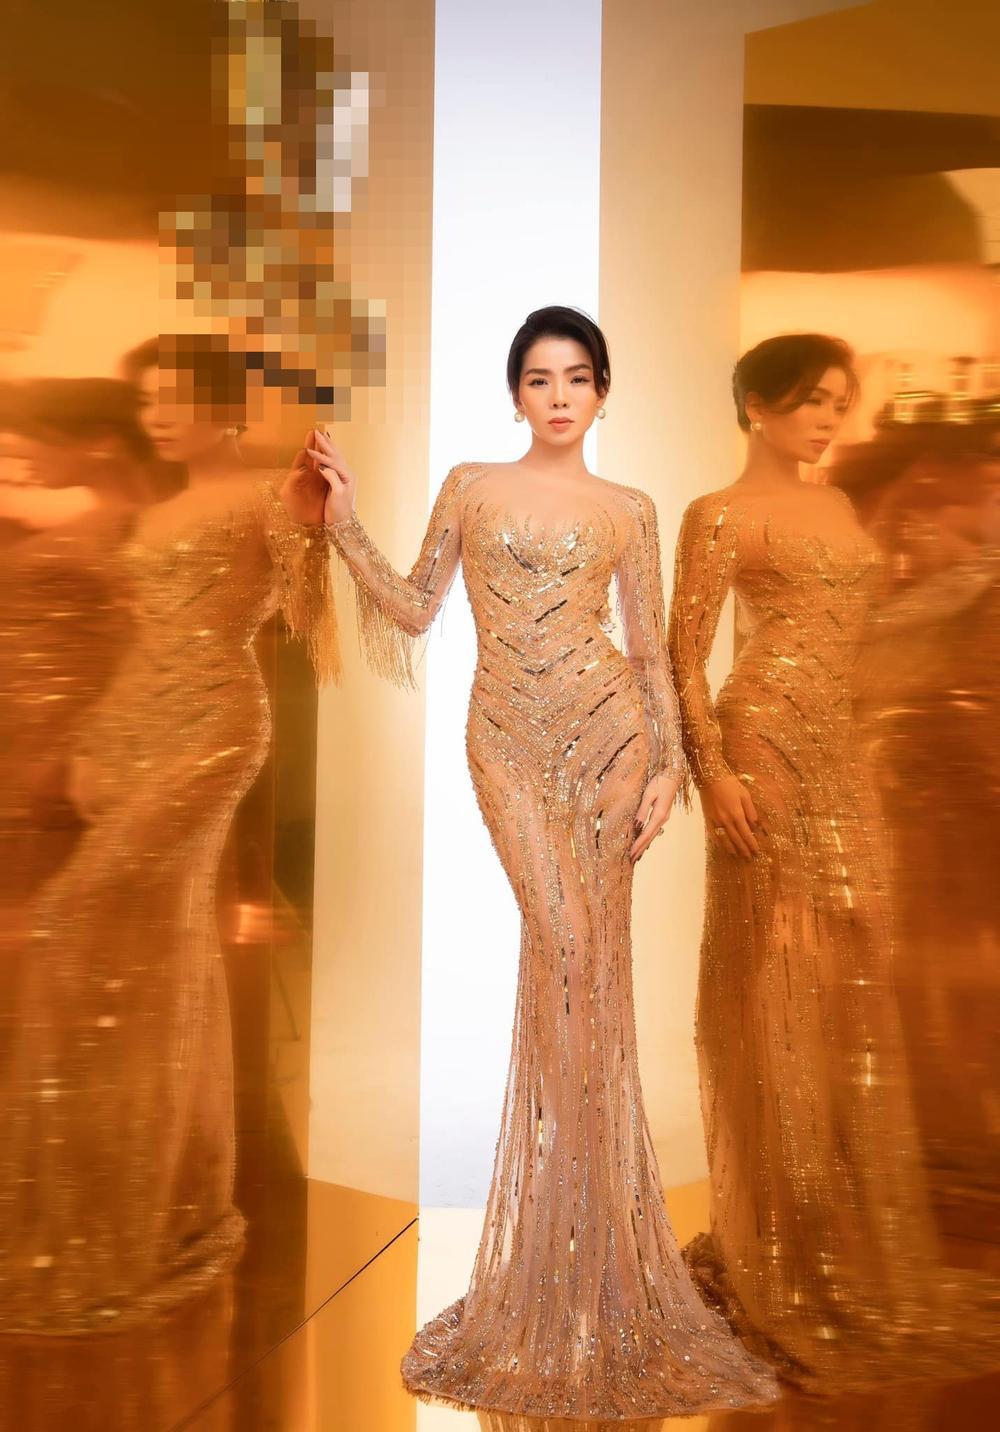 Hậu ly hôn, Lệ Quyên trông lạ với tóc ngắn diện kiểu váy màu hồng chóe nổi bật xuống phố Ảnh 5